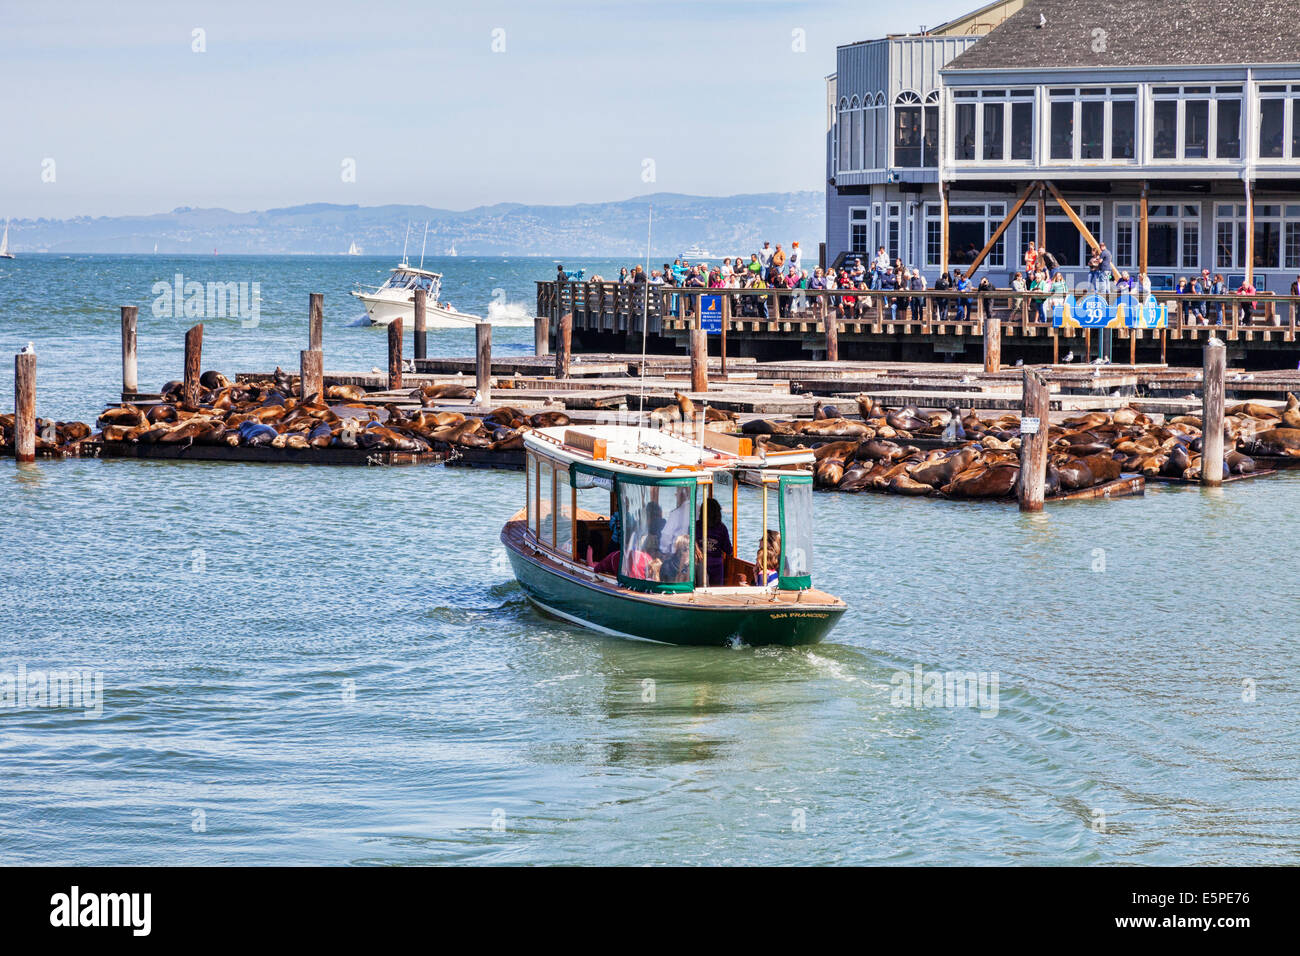 La folla di turisti si riuniscono per visualizzare i famosi leoni marini al Pier 39, San Francisco. Immagini Stock